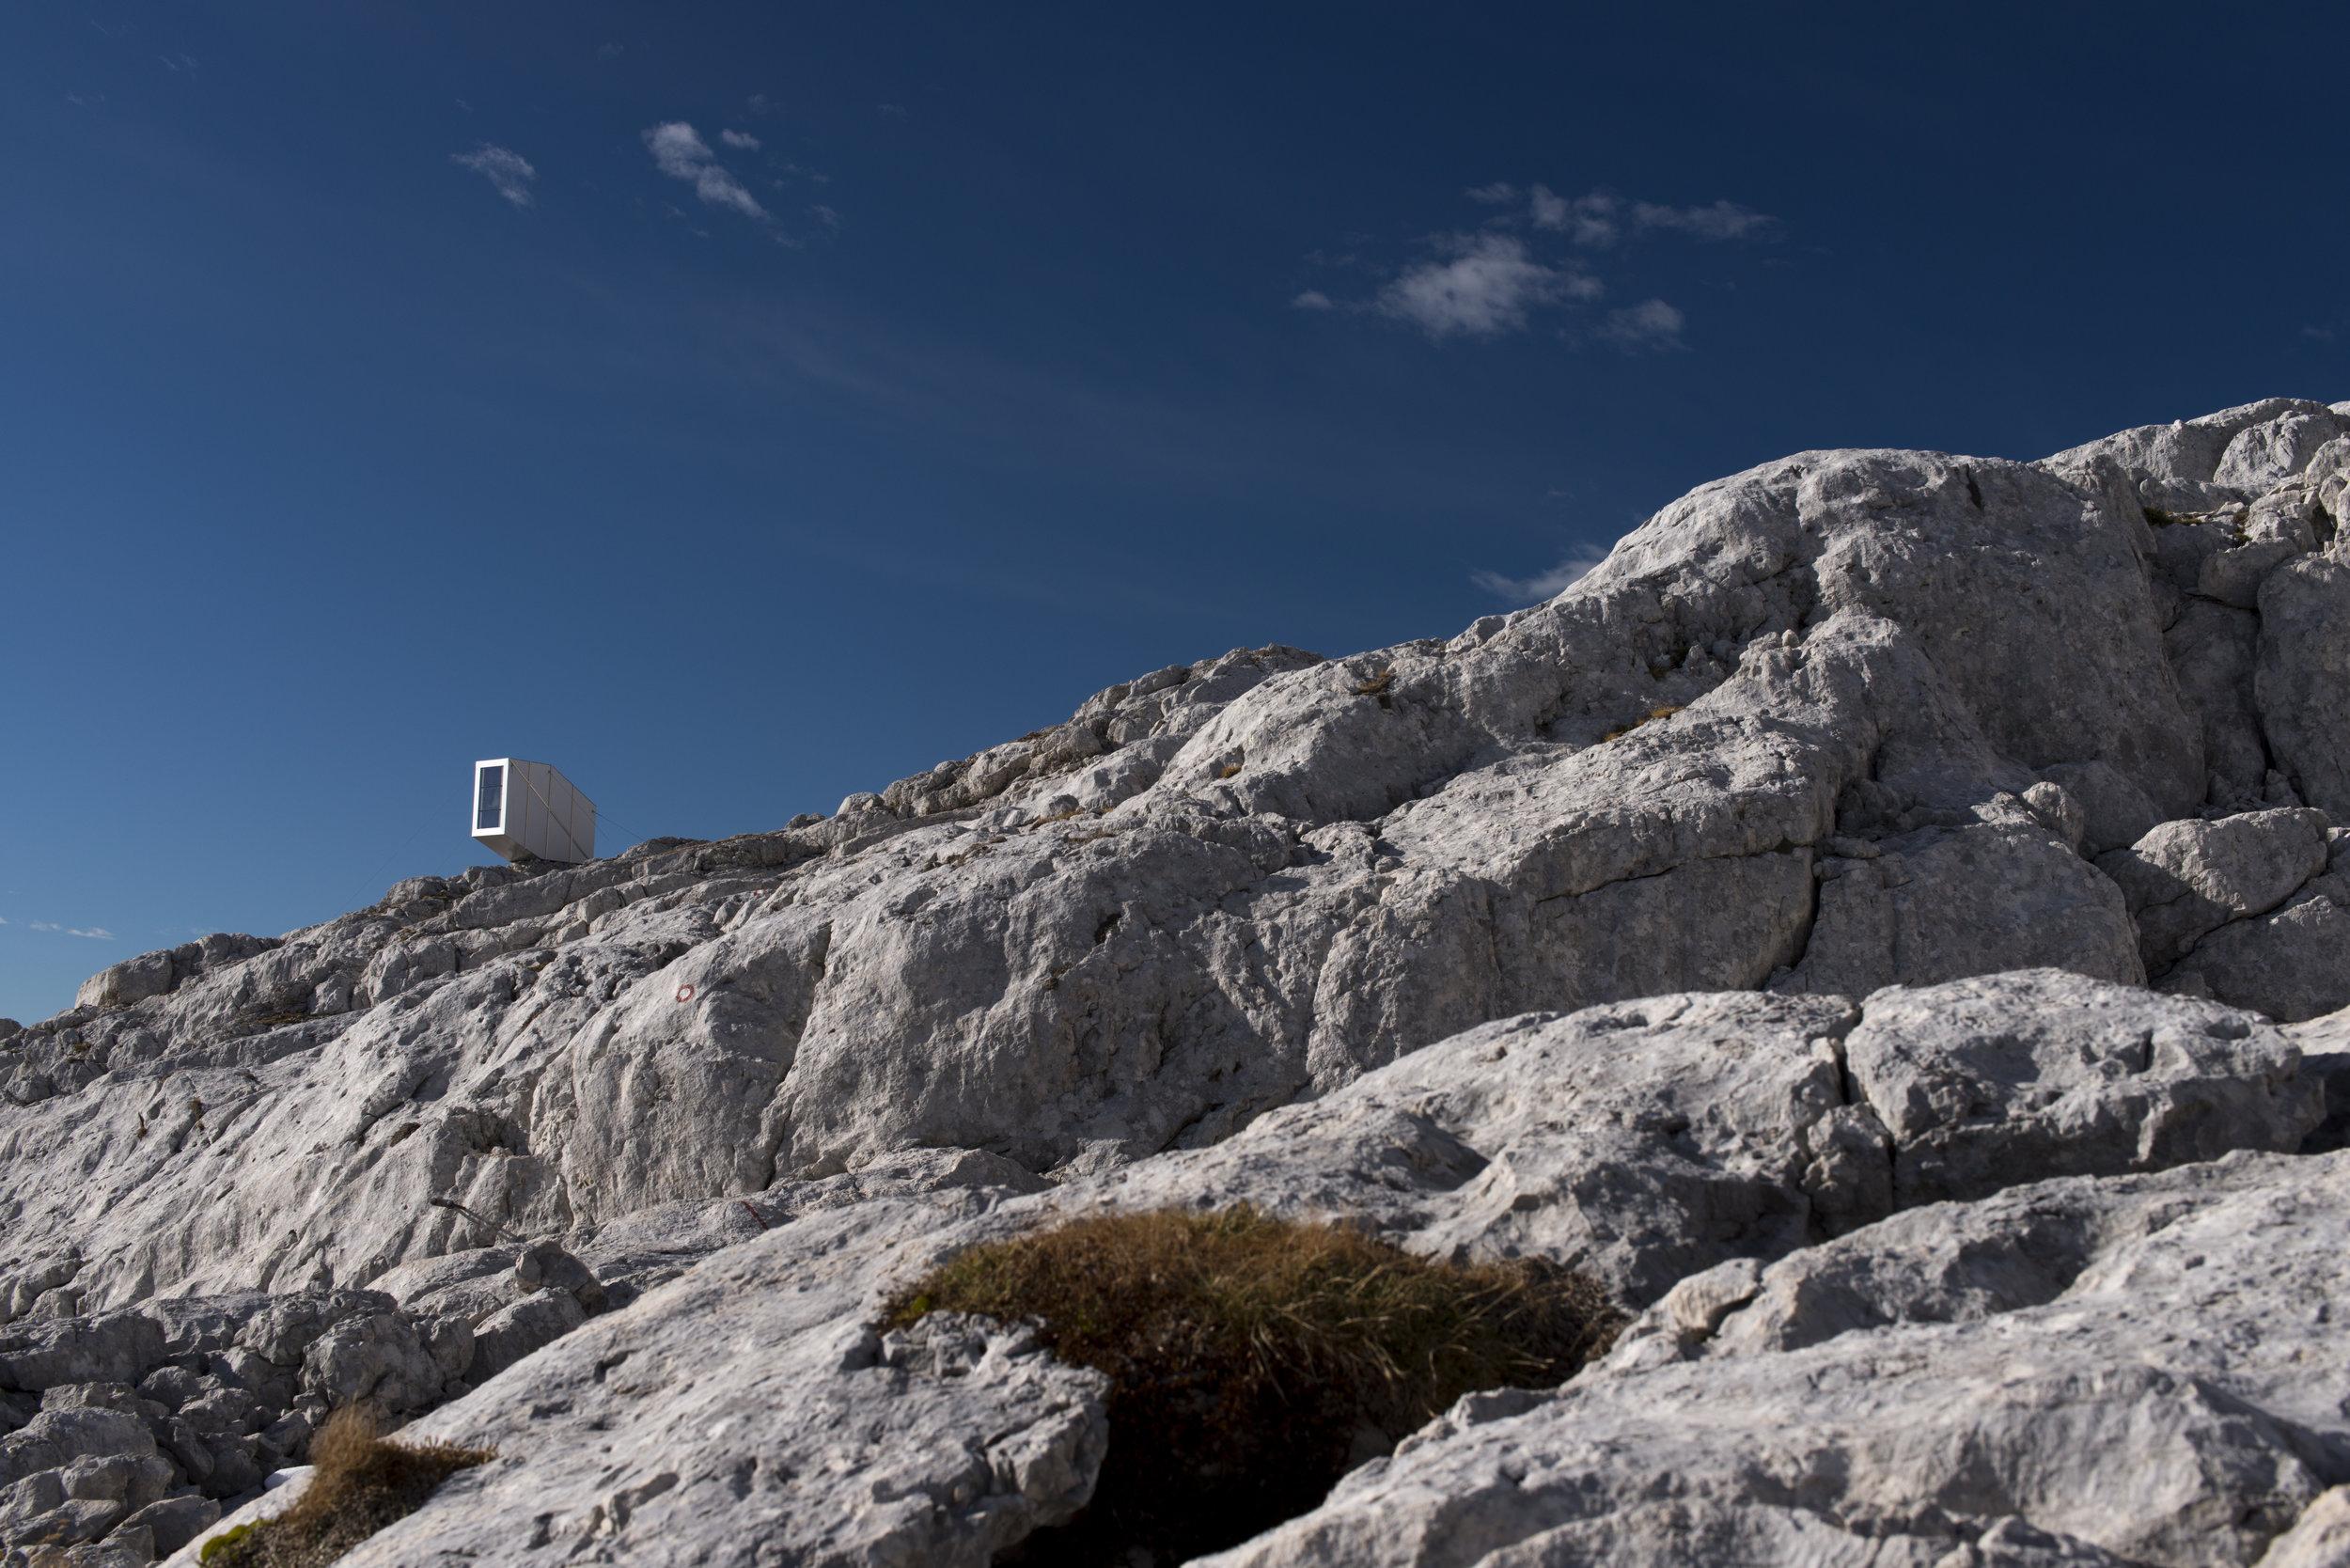 WINTER-CABIN-MOUNT-KANIN_OFIS_a_FOTO@JANEZ-MARTINCIC__22.jpg